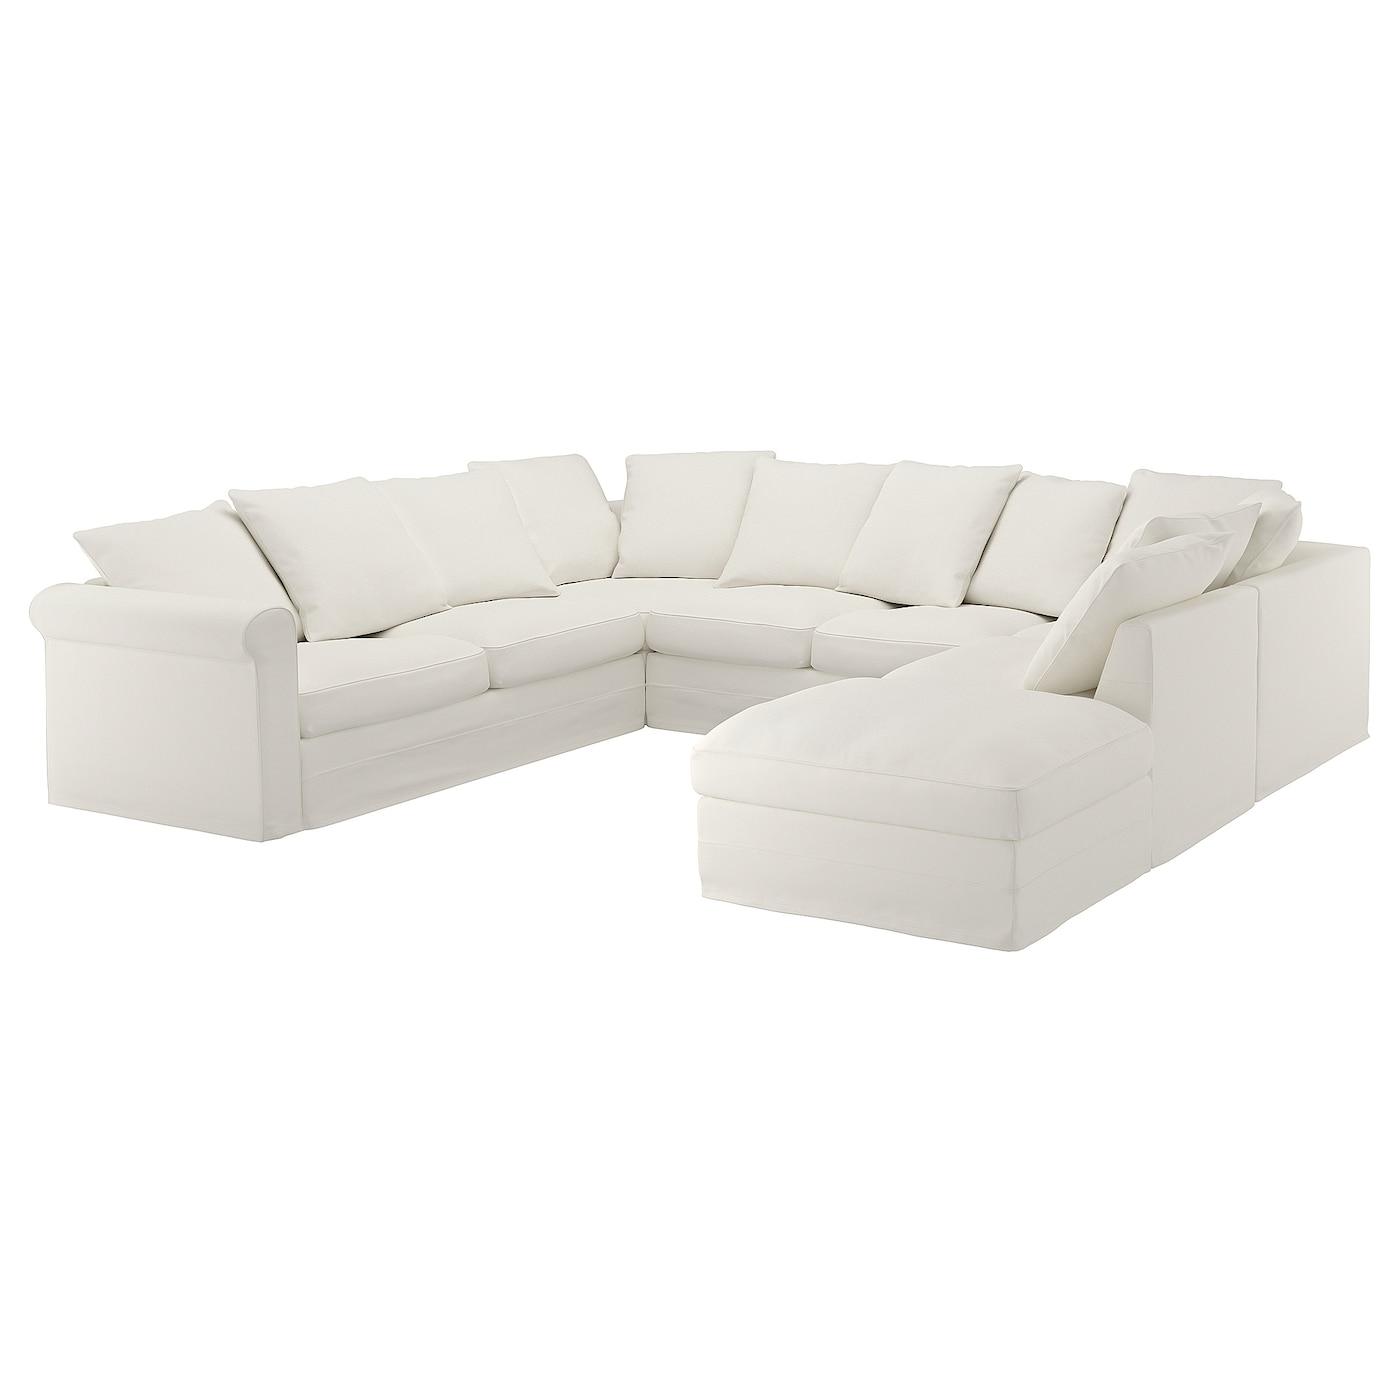 Ikea GrÖnlid U Shaped Sofa 6 Seat